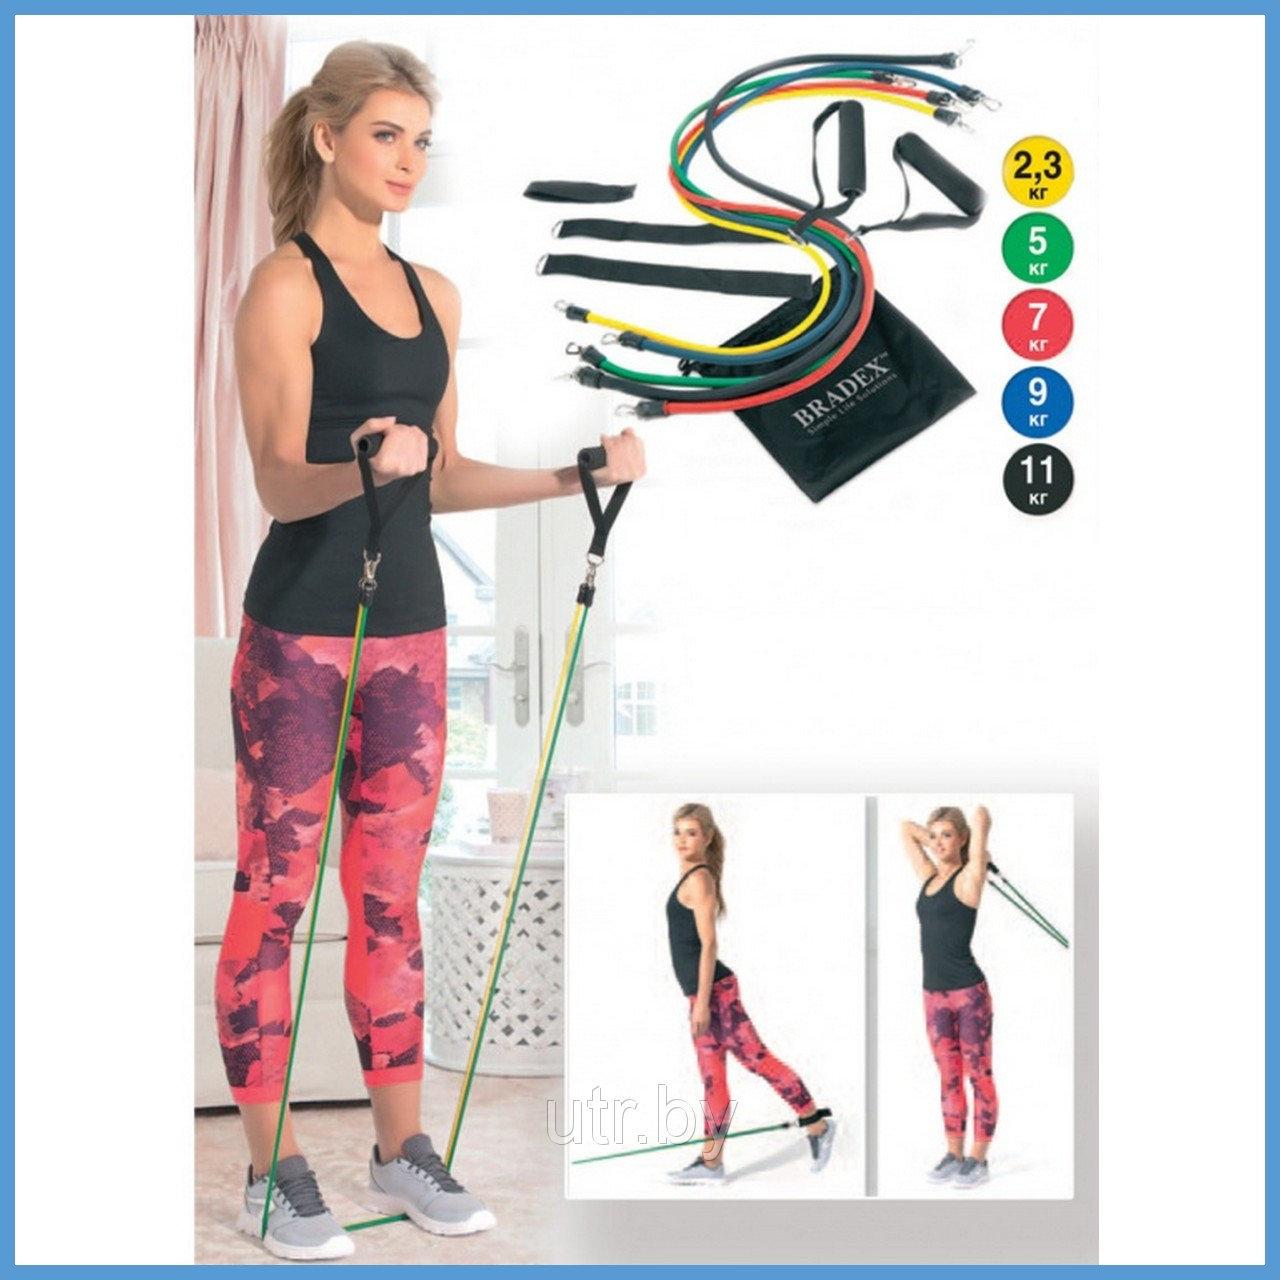 Трубчатые эспандеры для физических упражнений